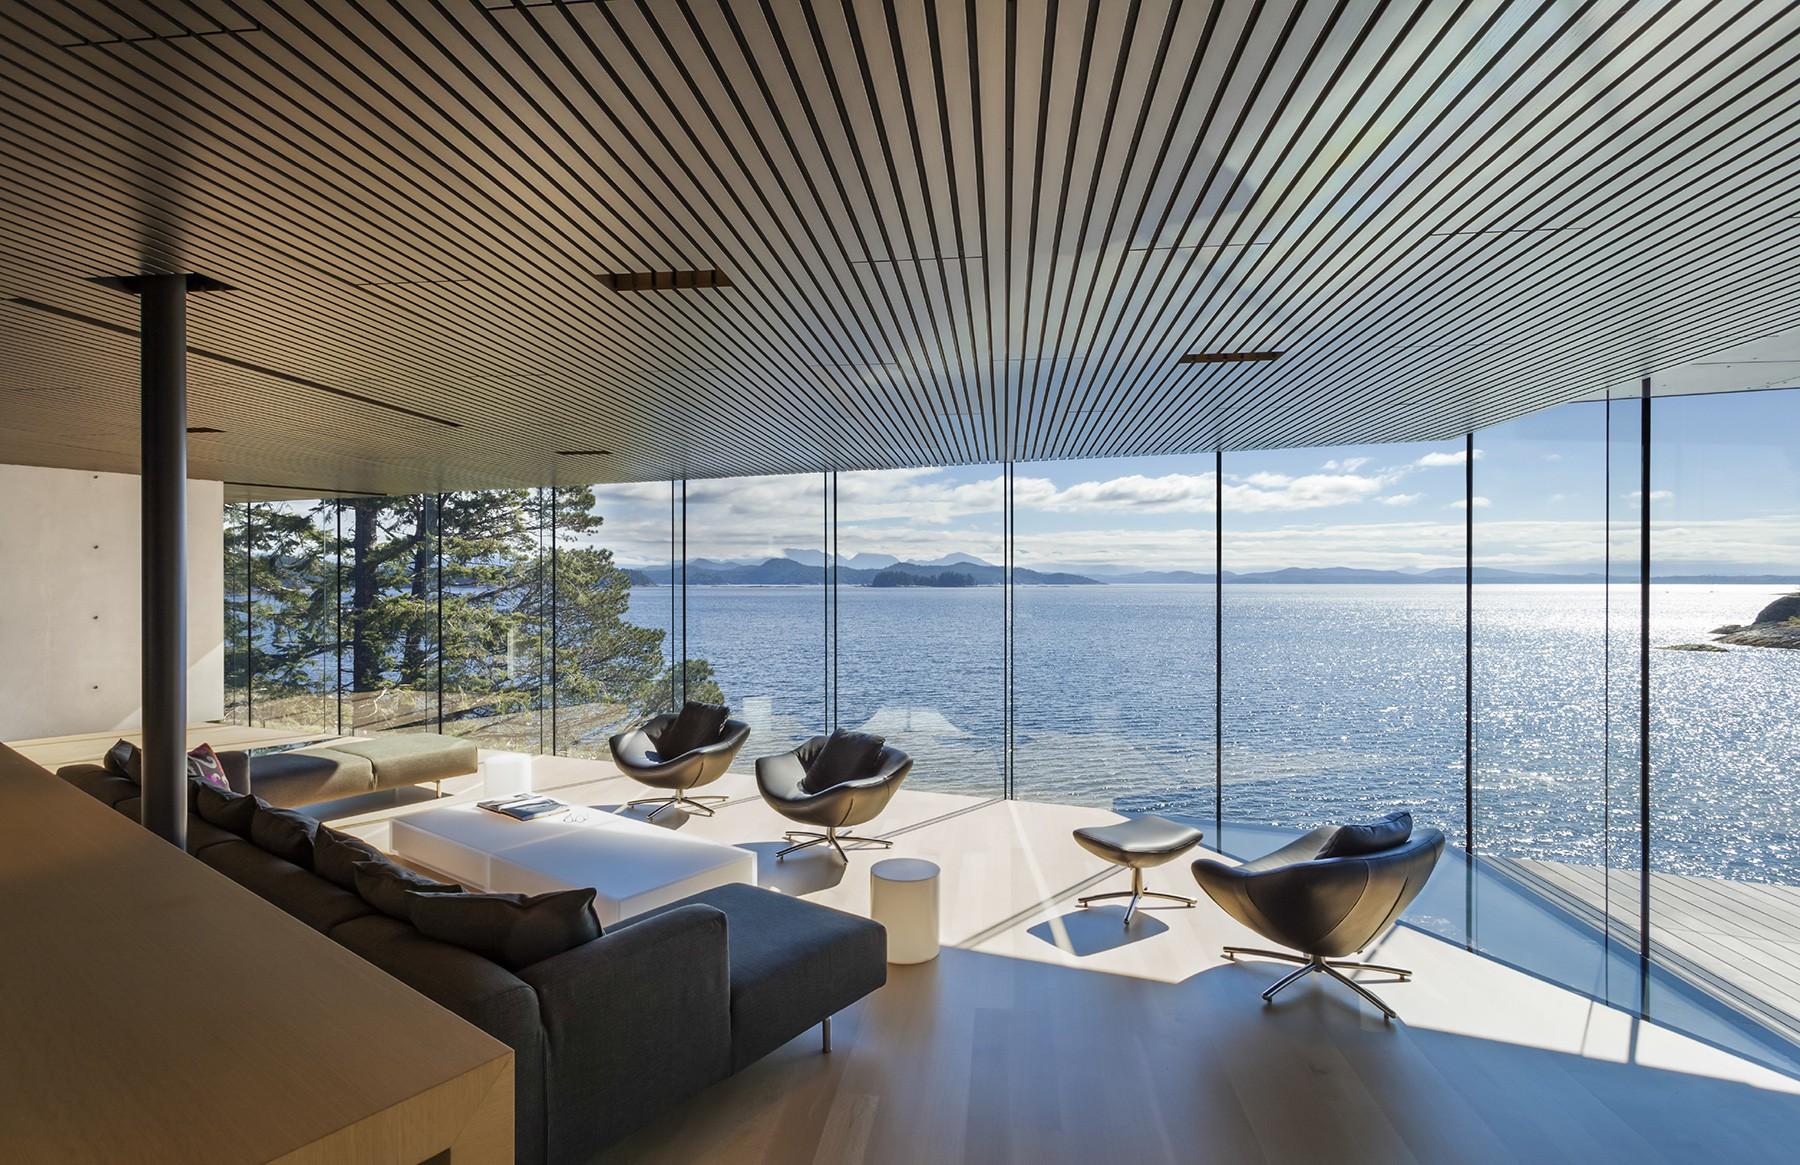 Sfondi finestra mare architettura camera casa interior